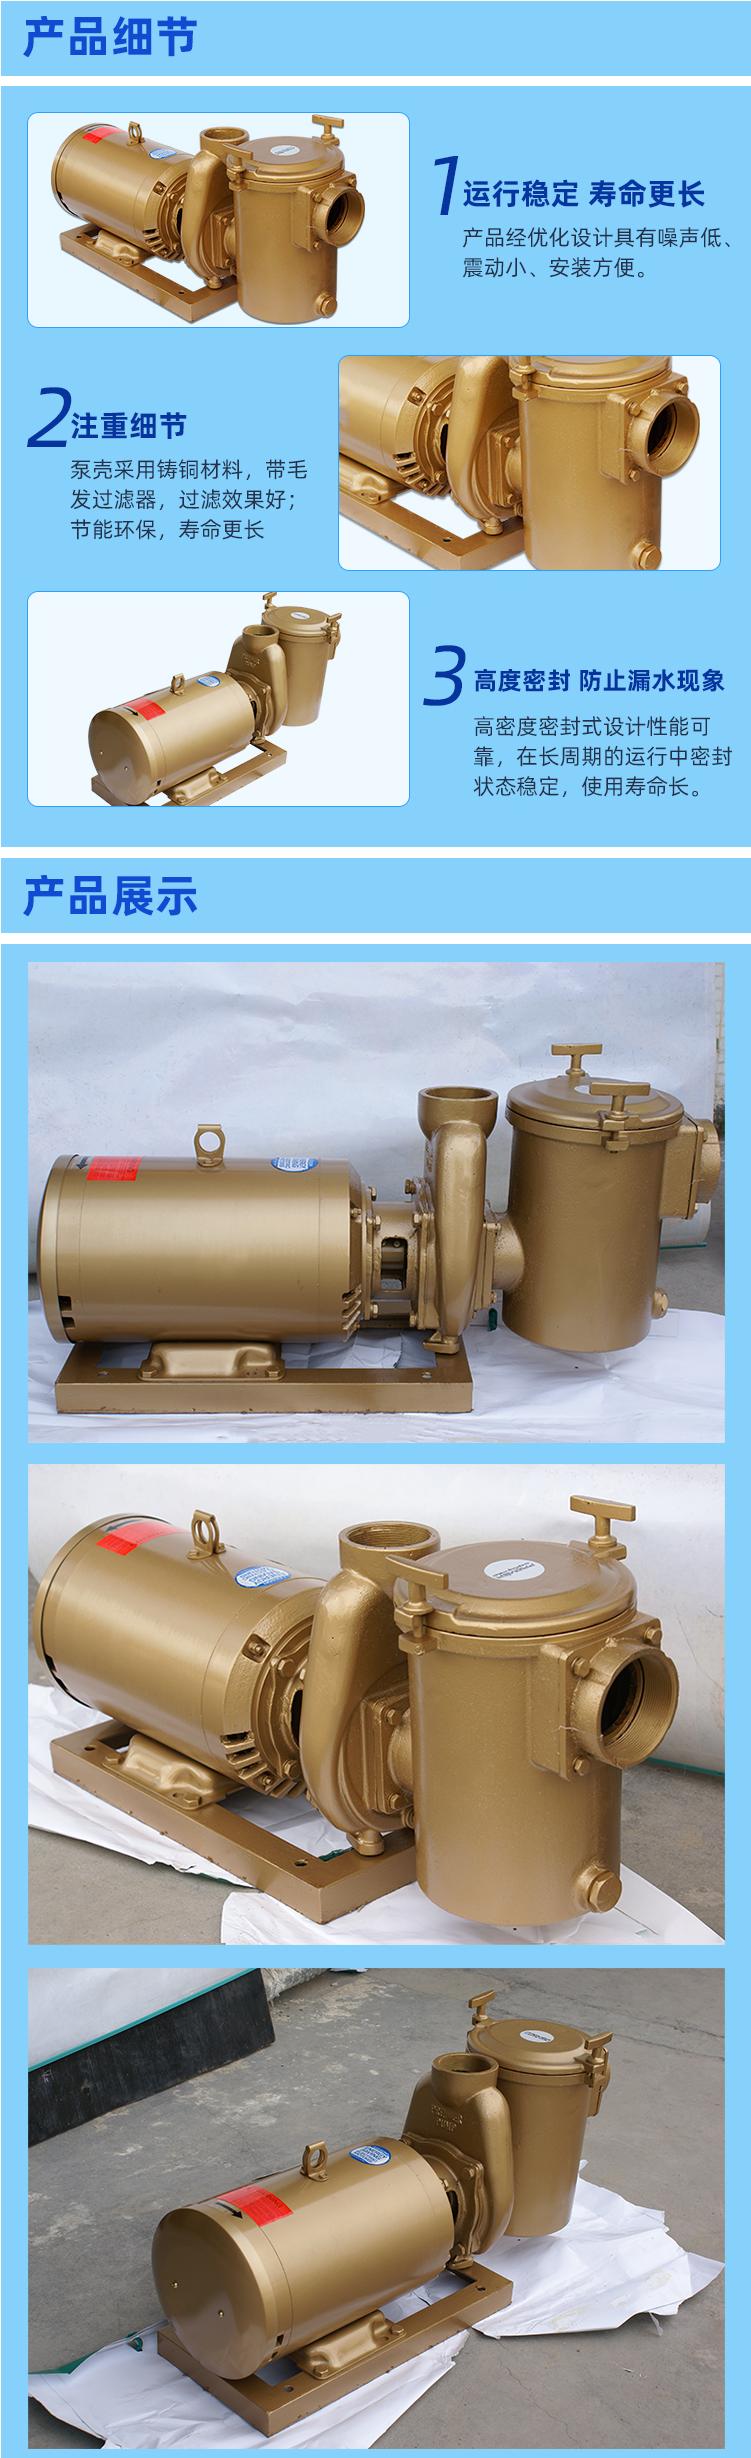 比美铜泵产品实物图